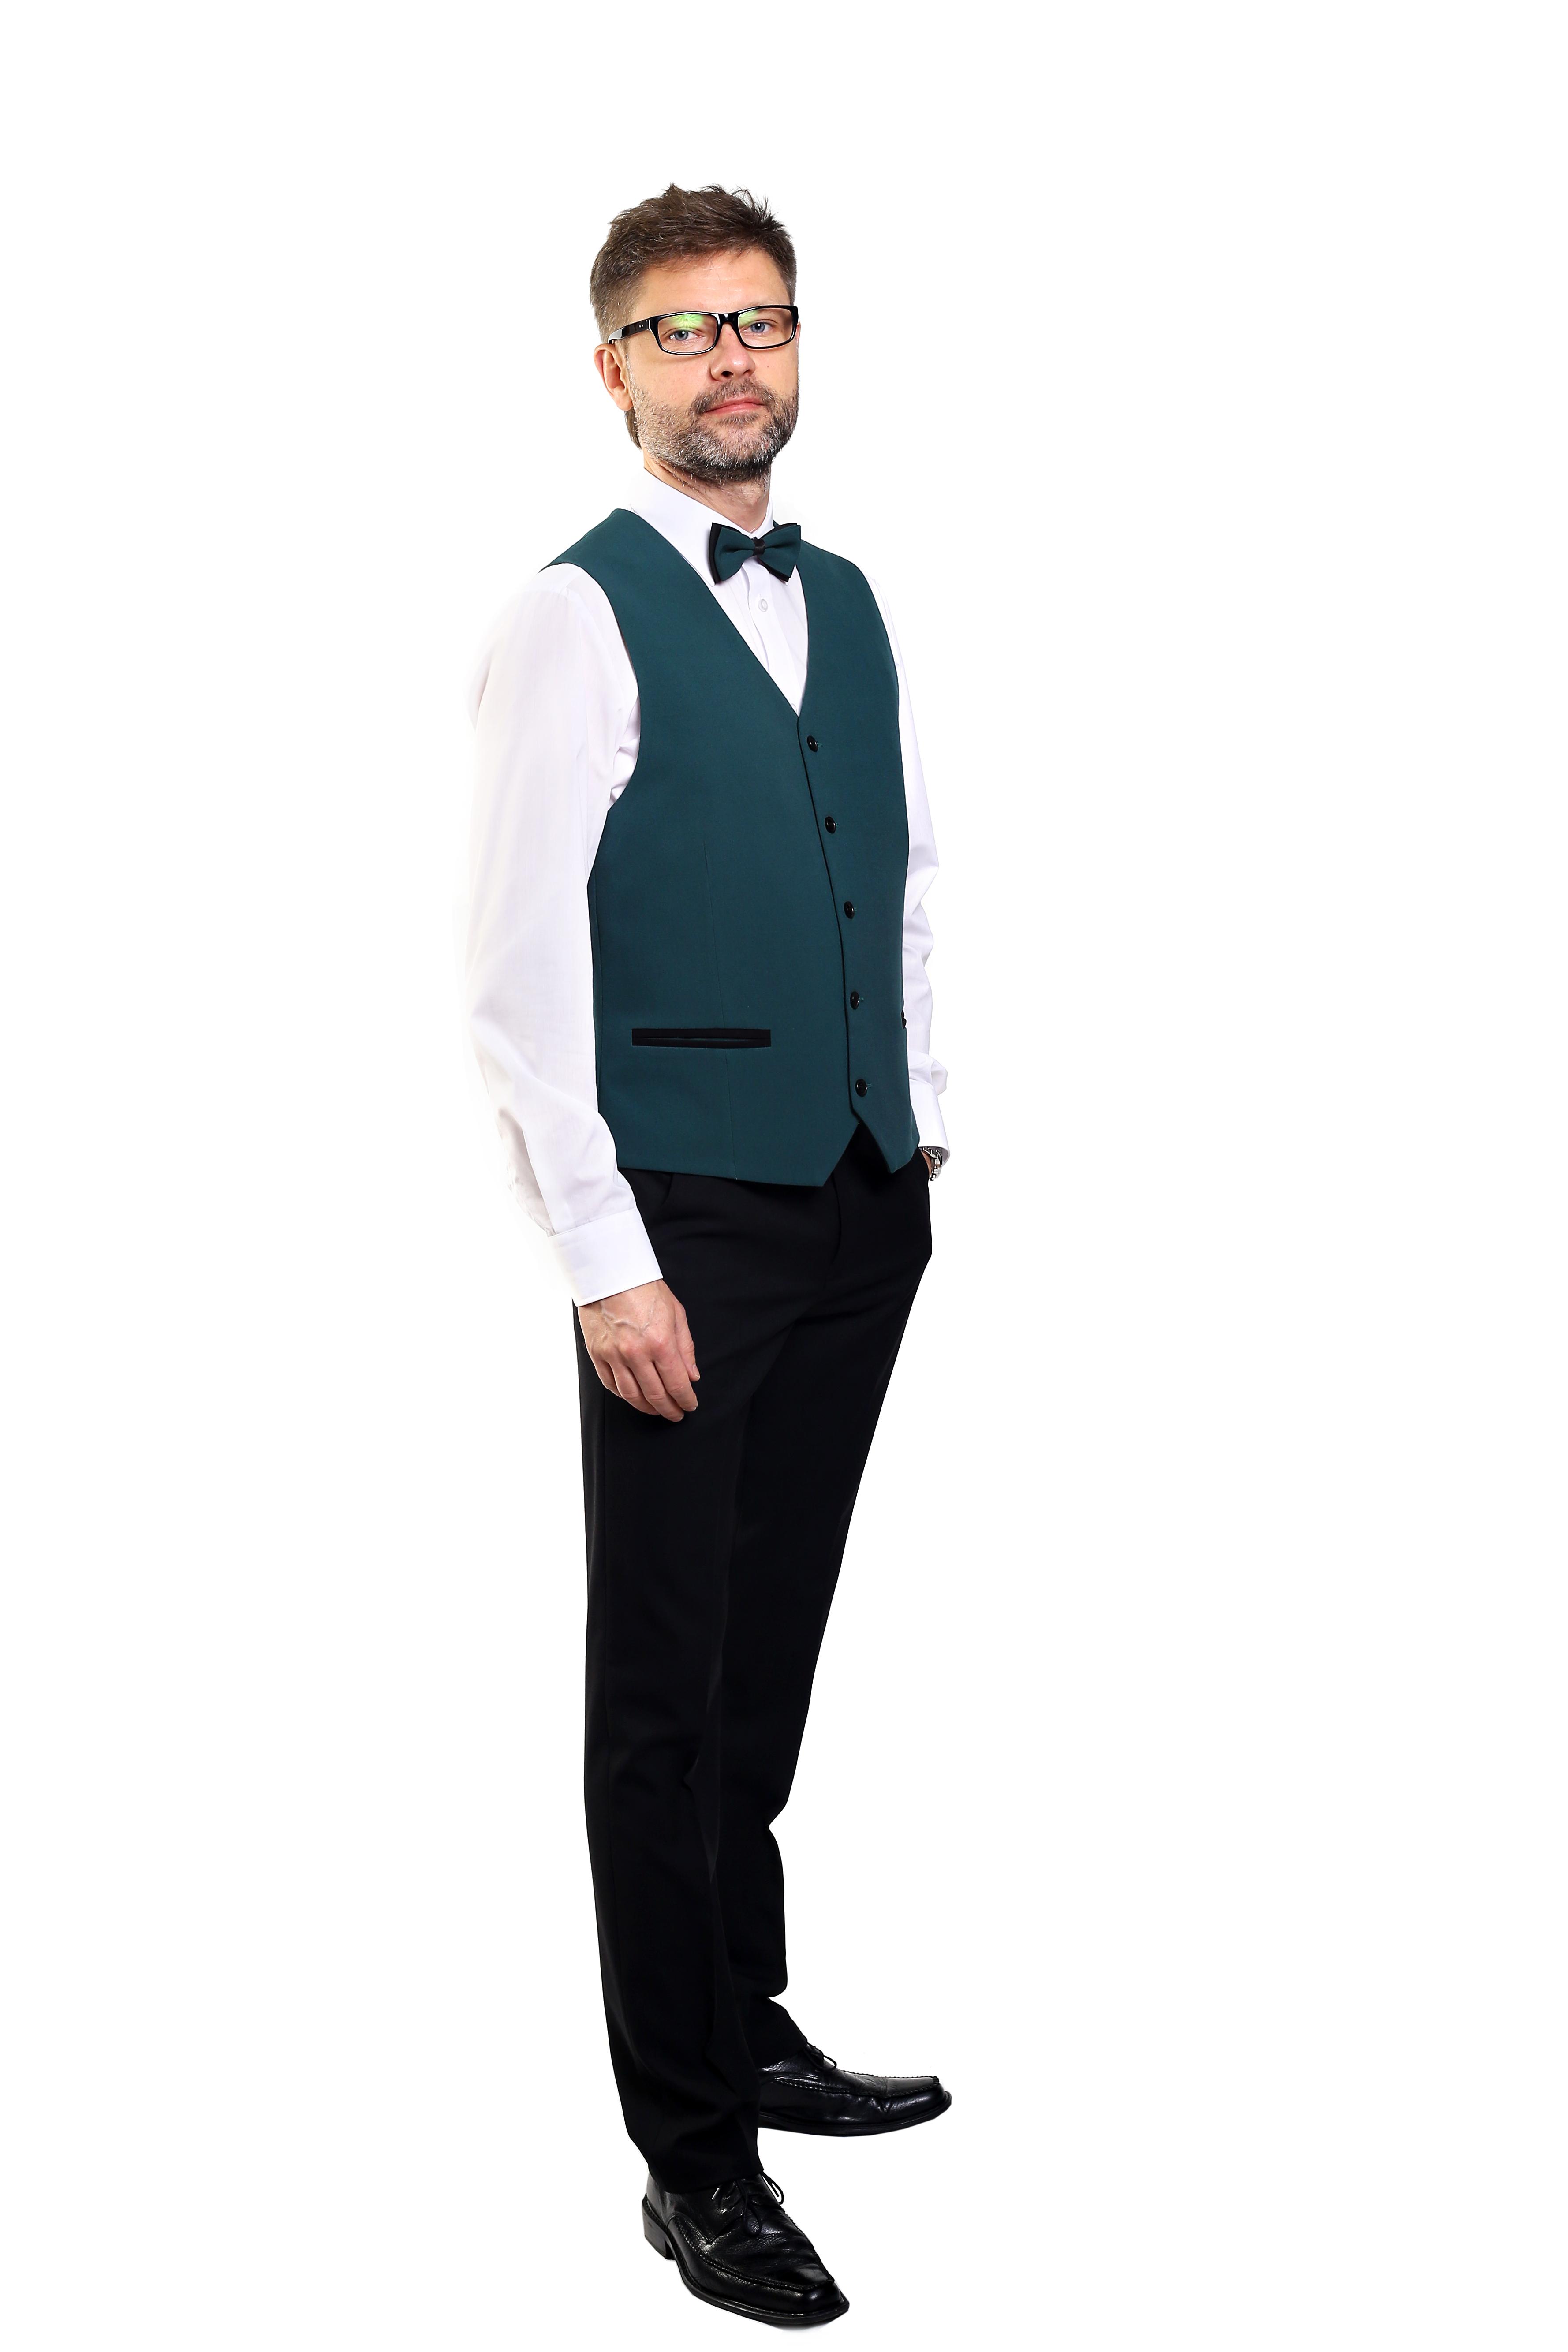 odziez htelowa ubranie obsługa gości męskie kamizelka